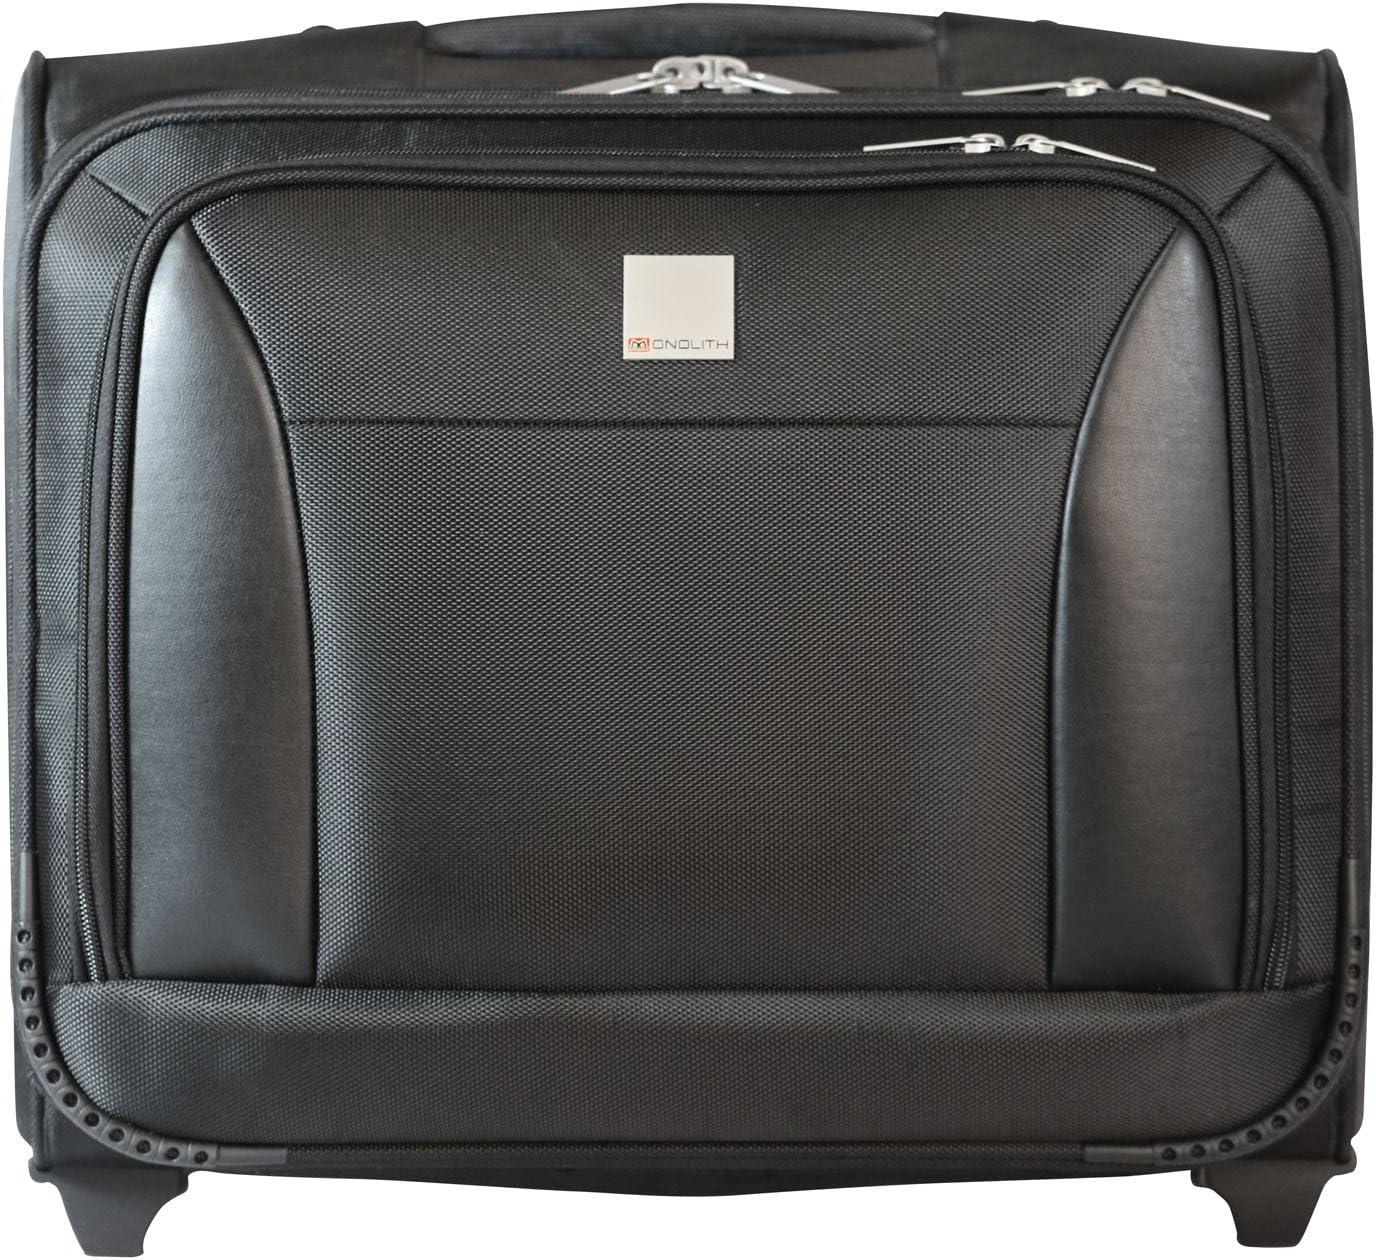 Monolith 2360/Briefcase/ /Black